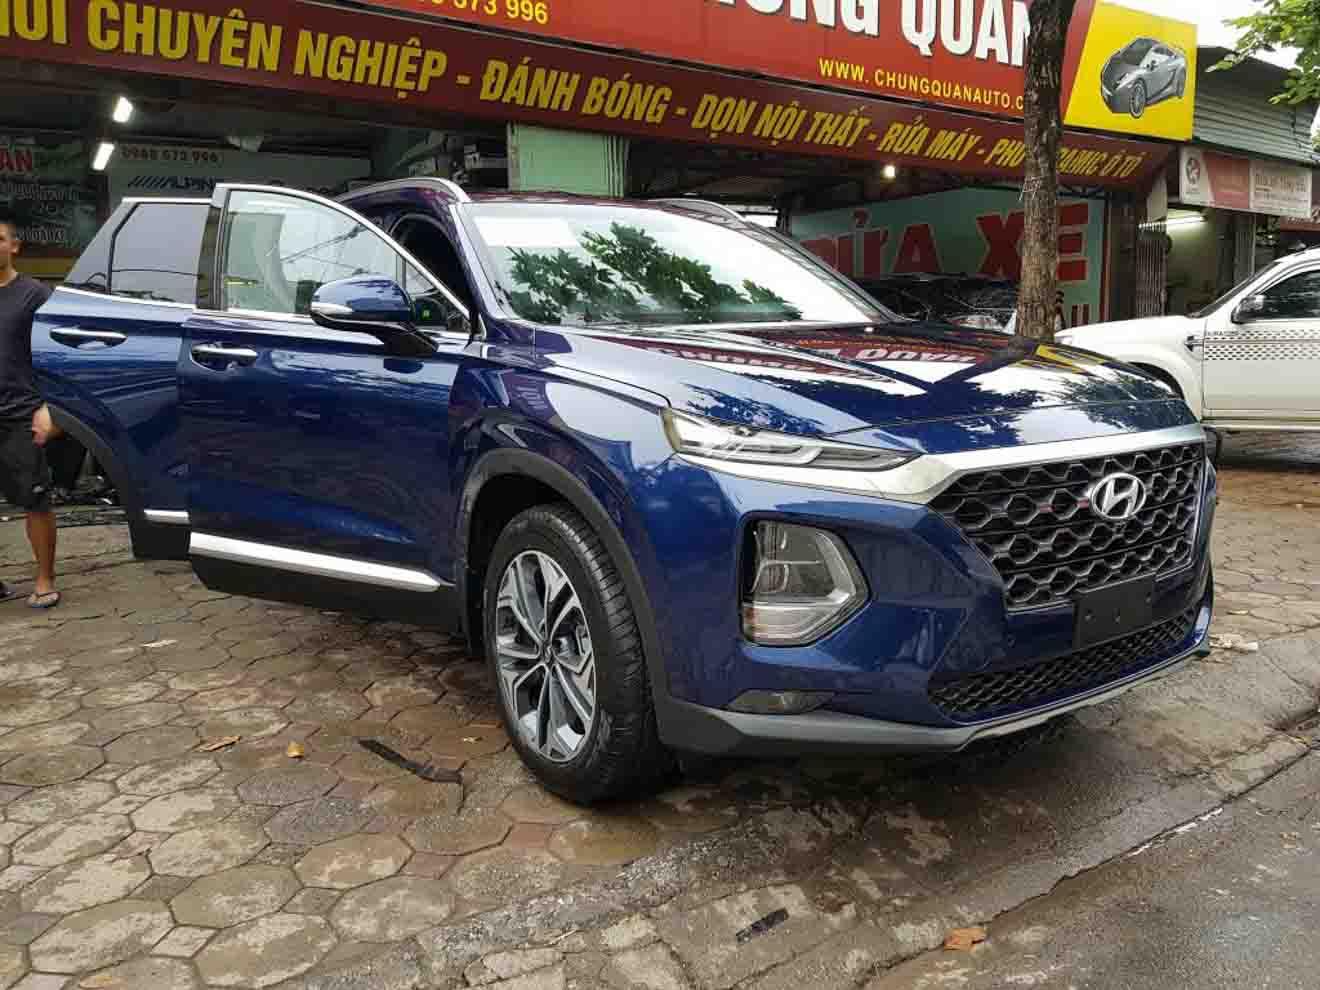 Hyundai SantaFe 2019 bất ngờ xuất hiện trên đường phố Hà Nội - 2